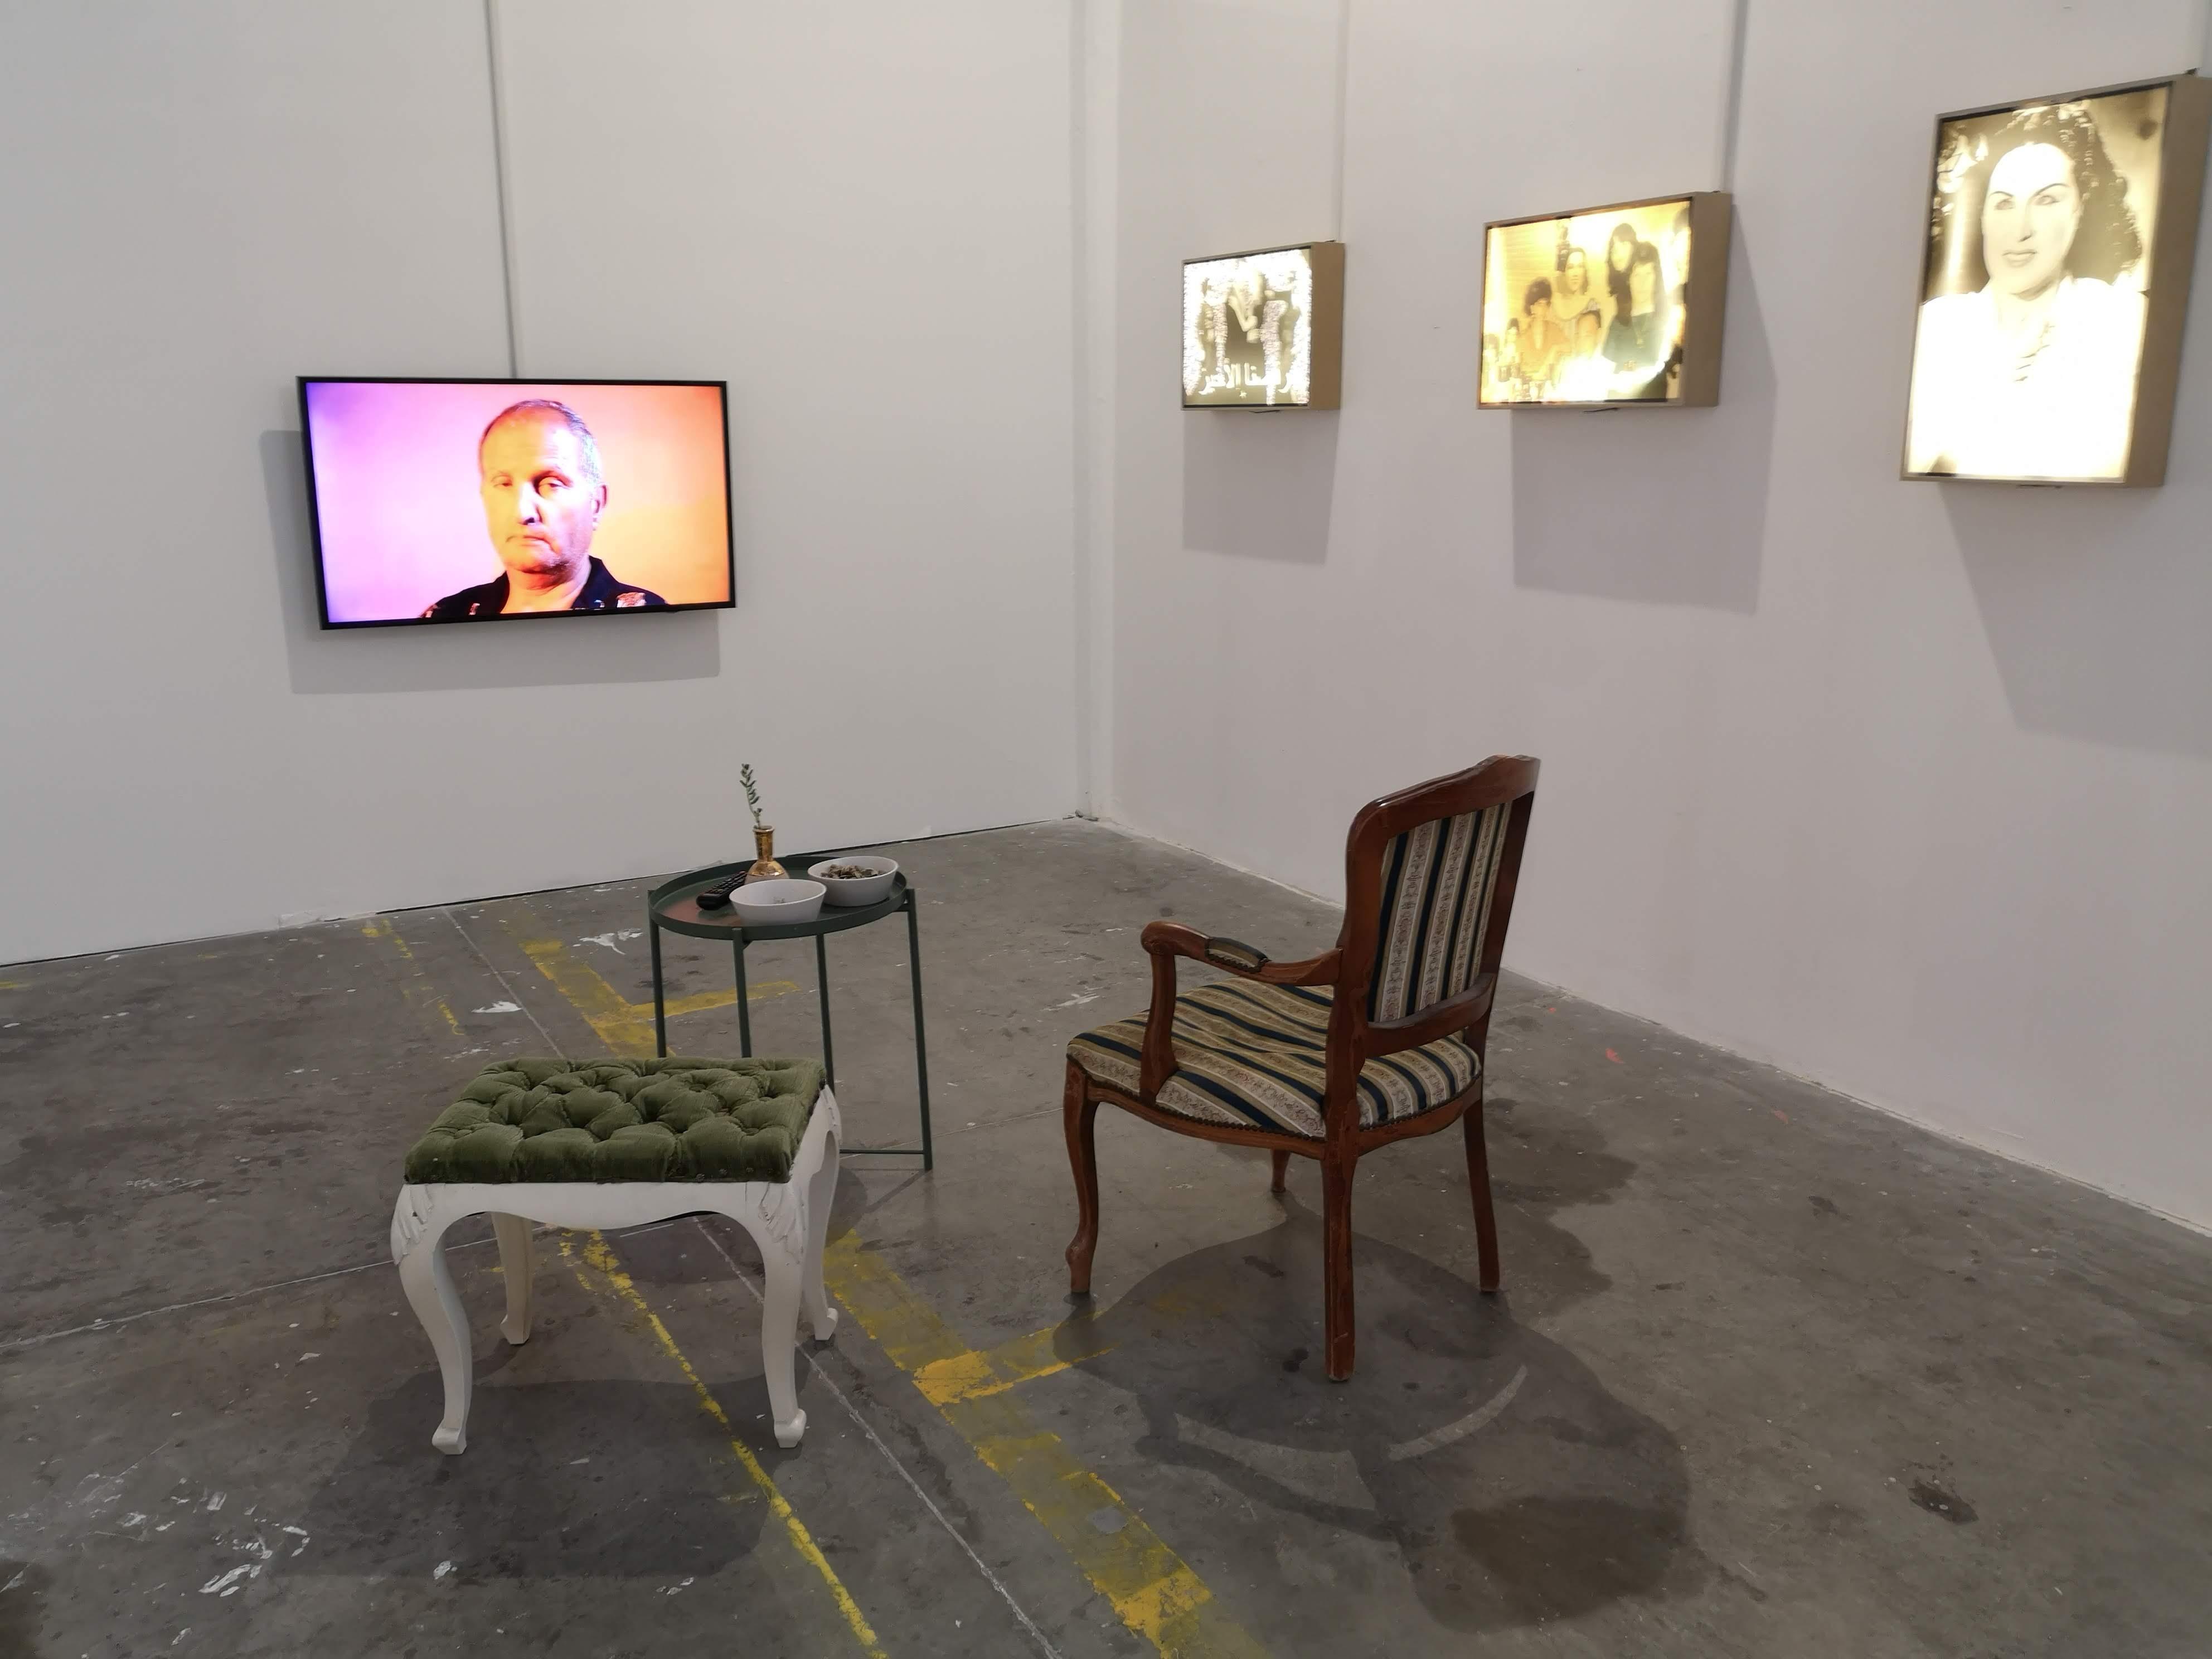 תערוכת בוגרים 2019 - המחלקה לאמנות מכללת סמינר הקיבוצים